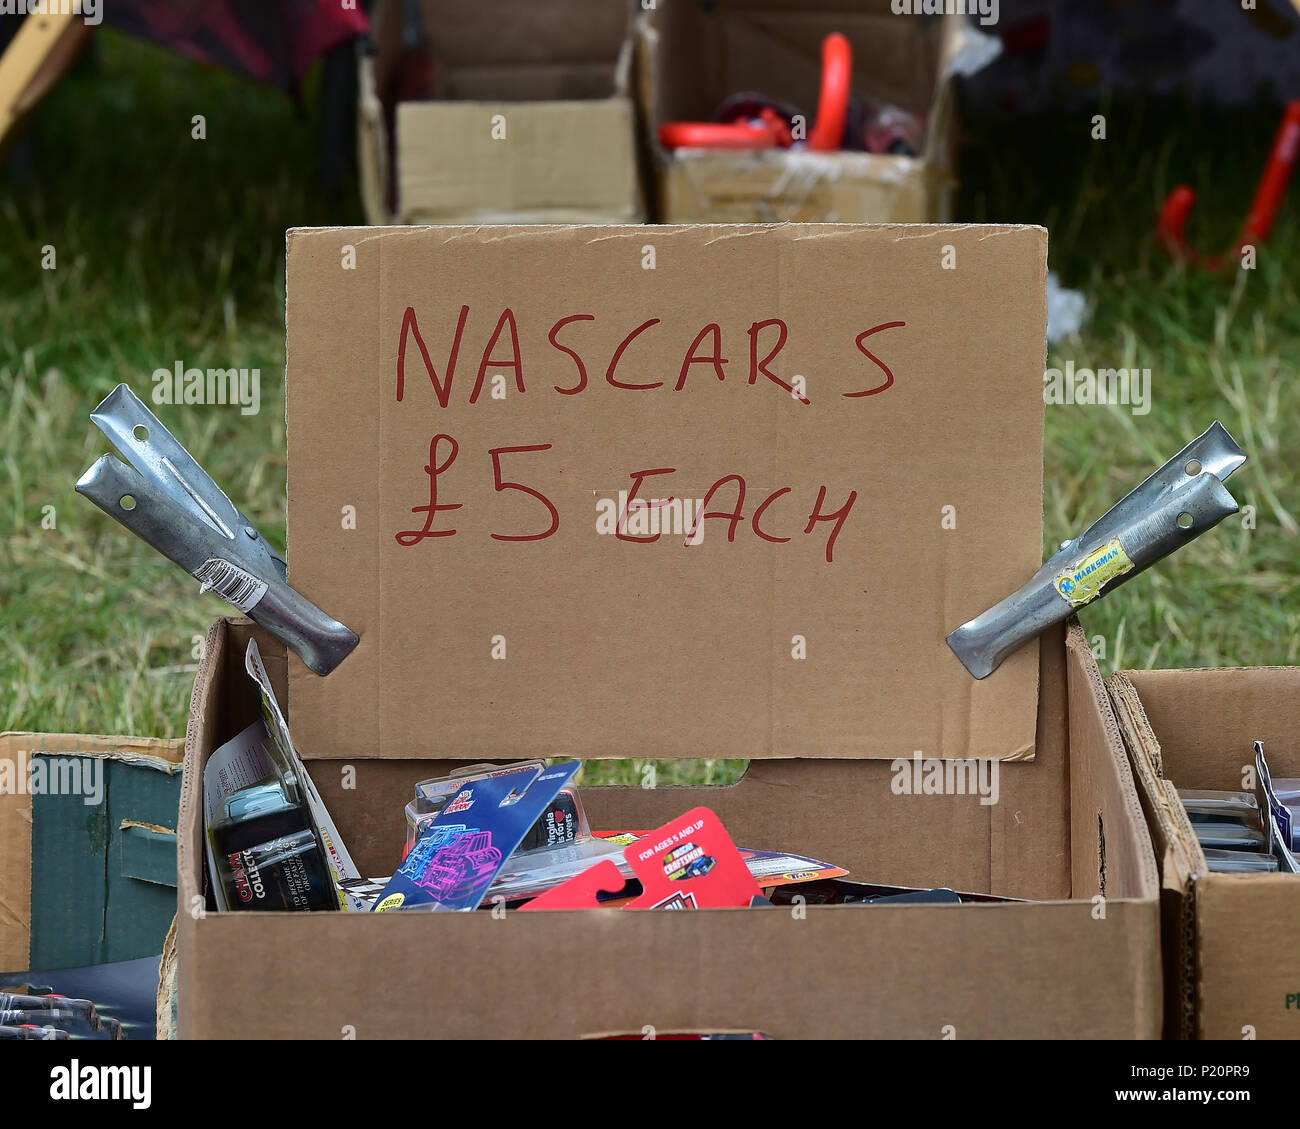 Racing auf der Billig, NASCAR Whelen Euro Serie, Amerikanische Speedfest VI, Brands Hatch, Juni 2018, Automobile, Autosport, Autos, Rundstrecke, Stockbild